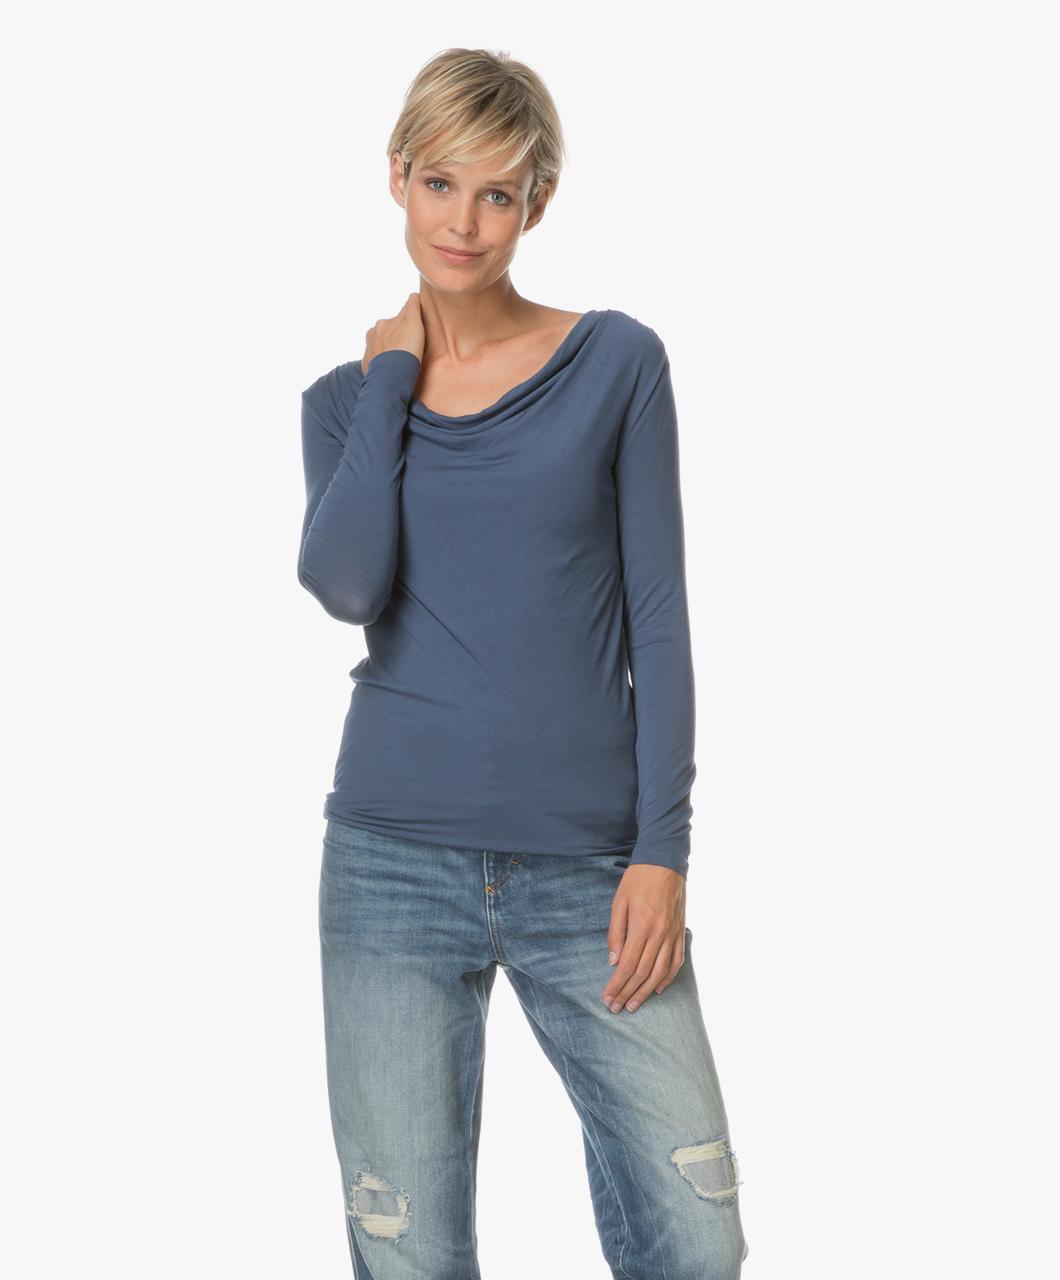 Majestic Jersey Shirt With Waterfall Neckline Denim